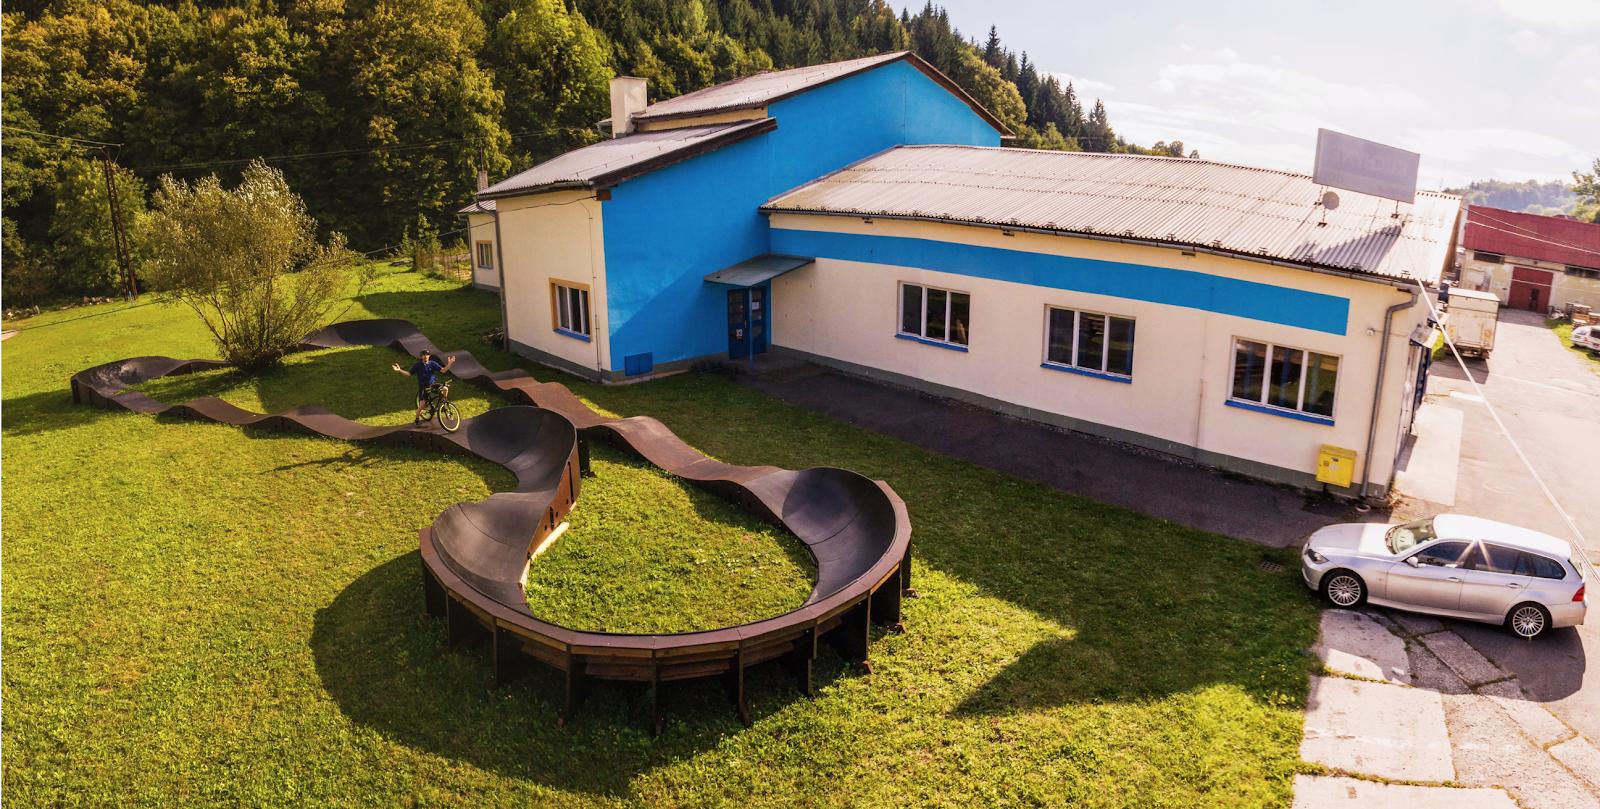 PARKITECT first factory, Vsetin, Czech, 2013.